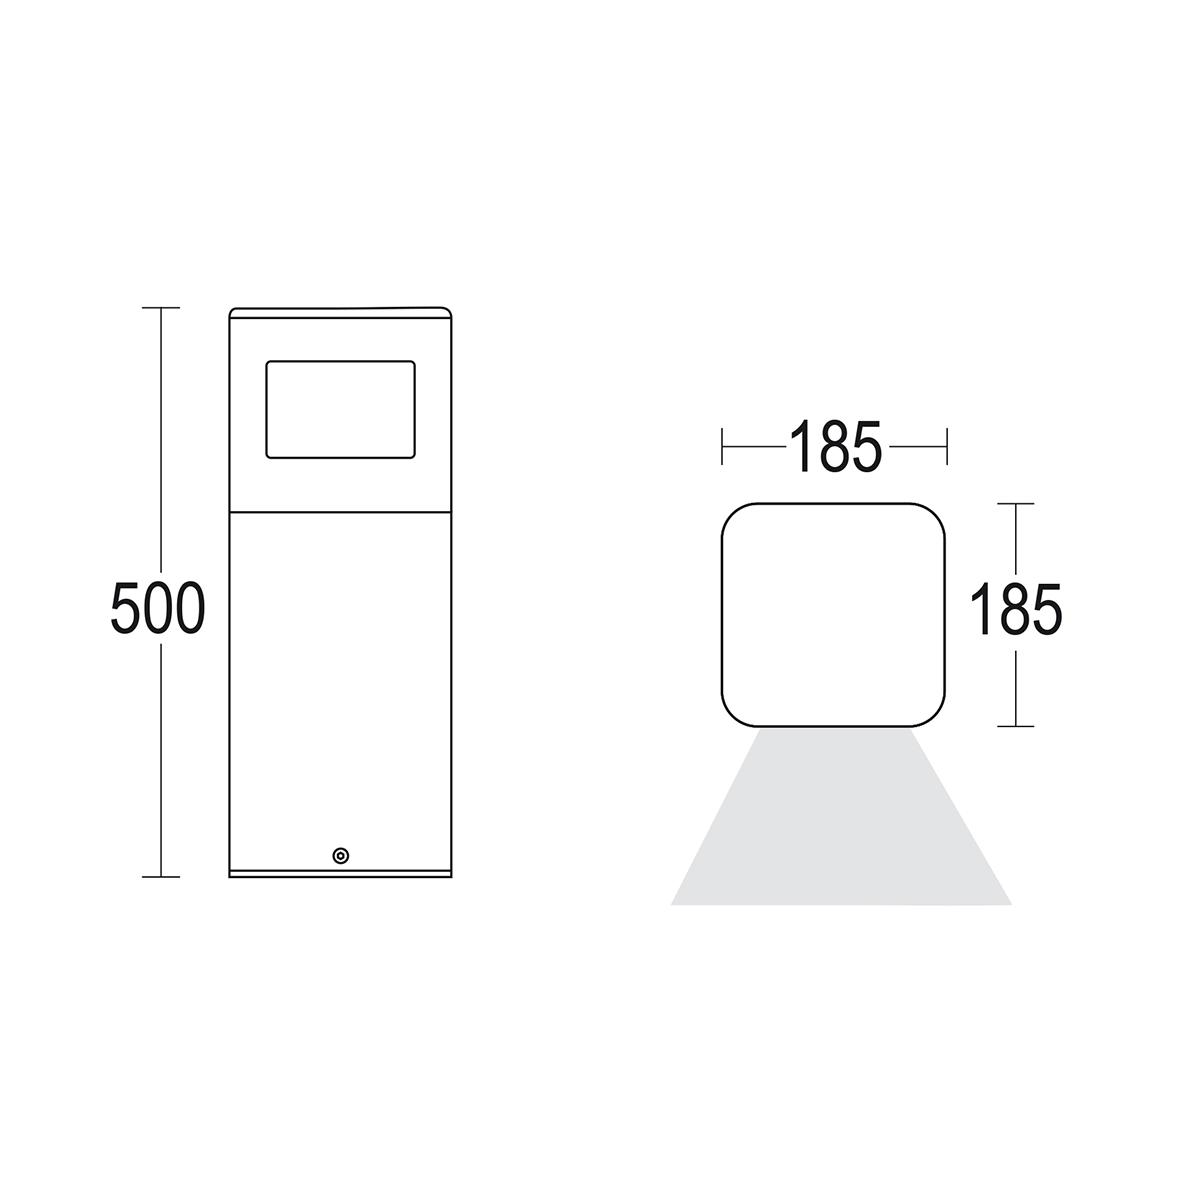 чертеж Polbivio 500 180° Ghidini уличный светильник GH1349.CGXT300EN